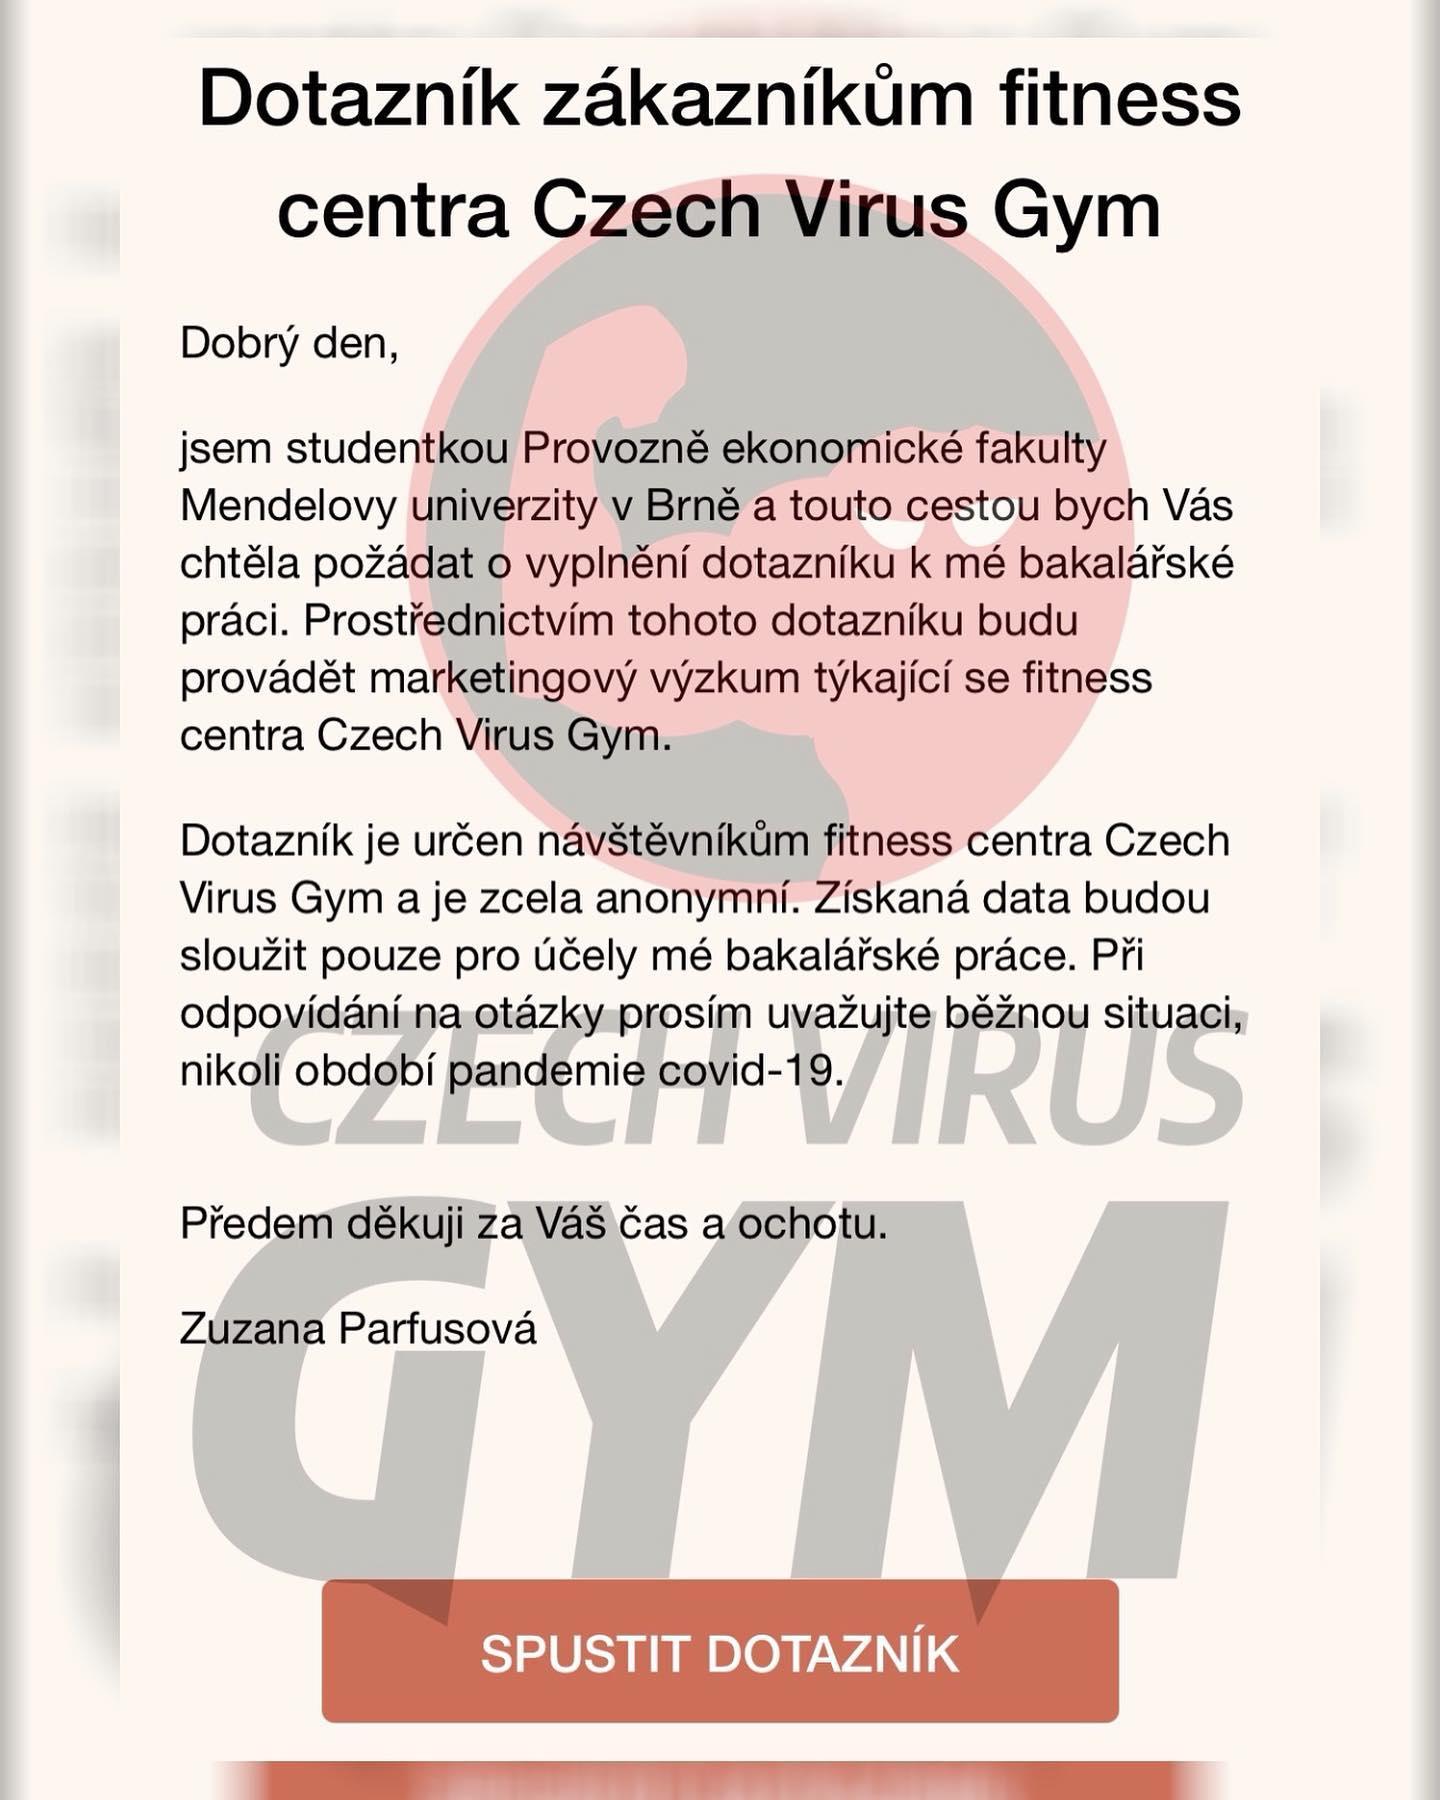 dotazní czech virus gym fitko posilka brno